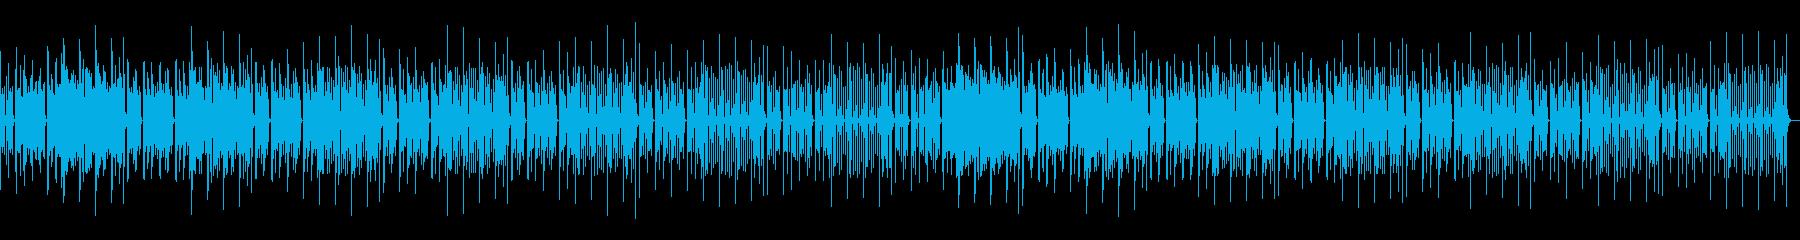 トーク用、日常、まったり、ほのぼのの再生済みの波形